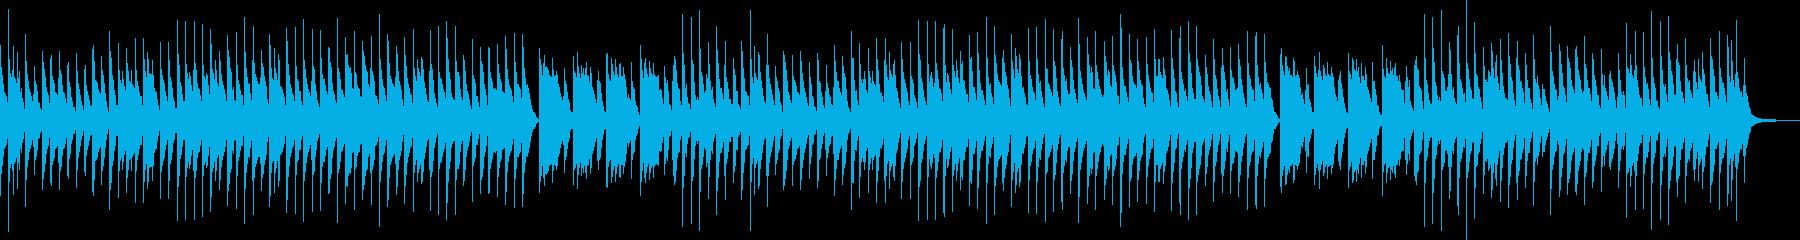 おとぼけ♪ほのぼの♪コミカル♪シーンに♪の再生済みの波形